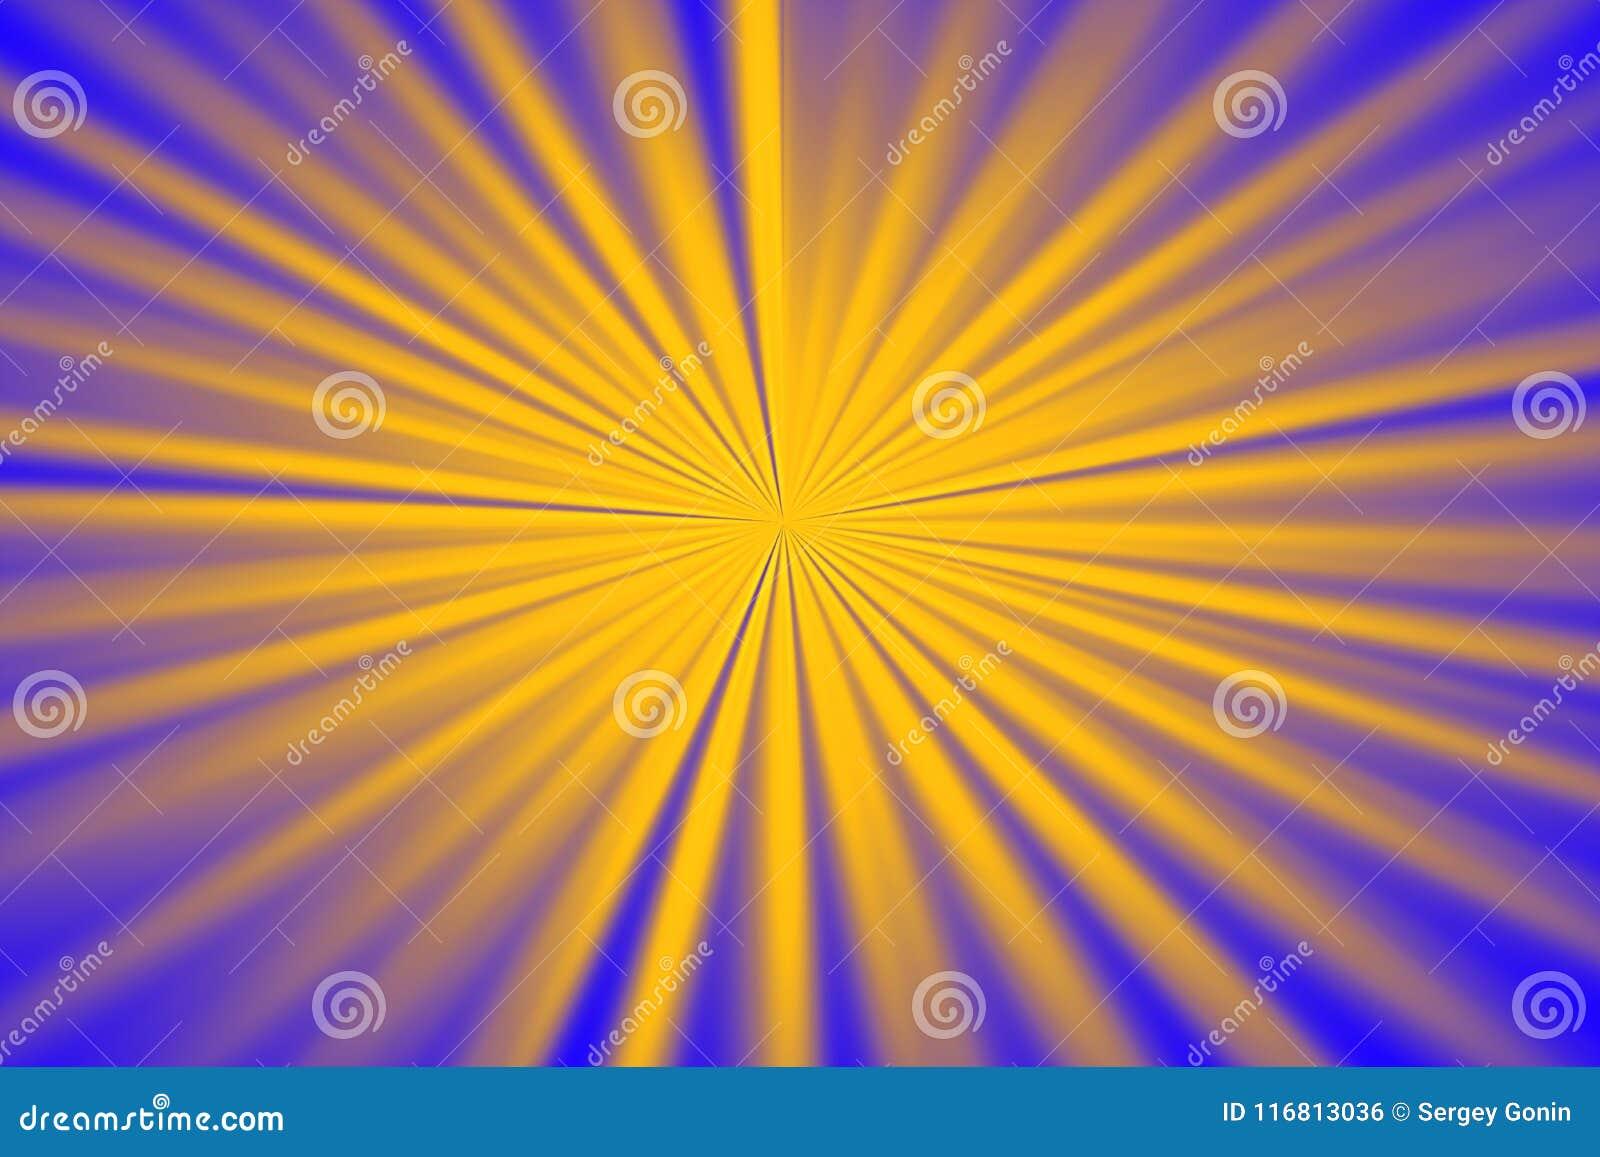 Fondo giallo-blu astratto per progettazione